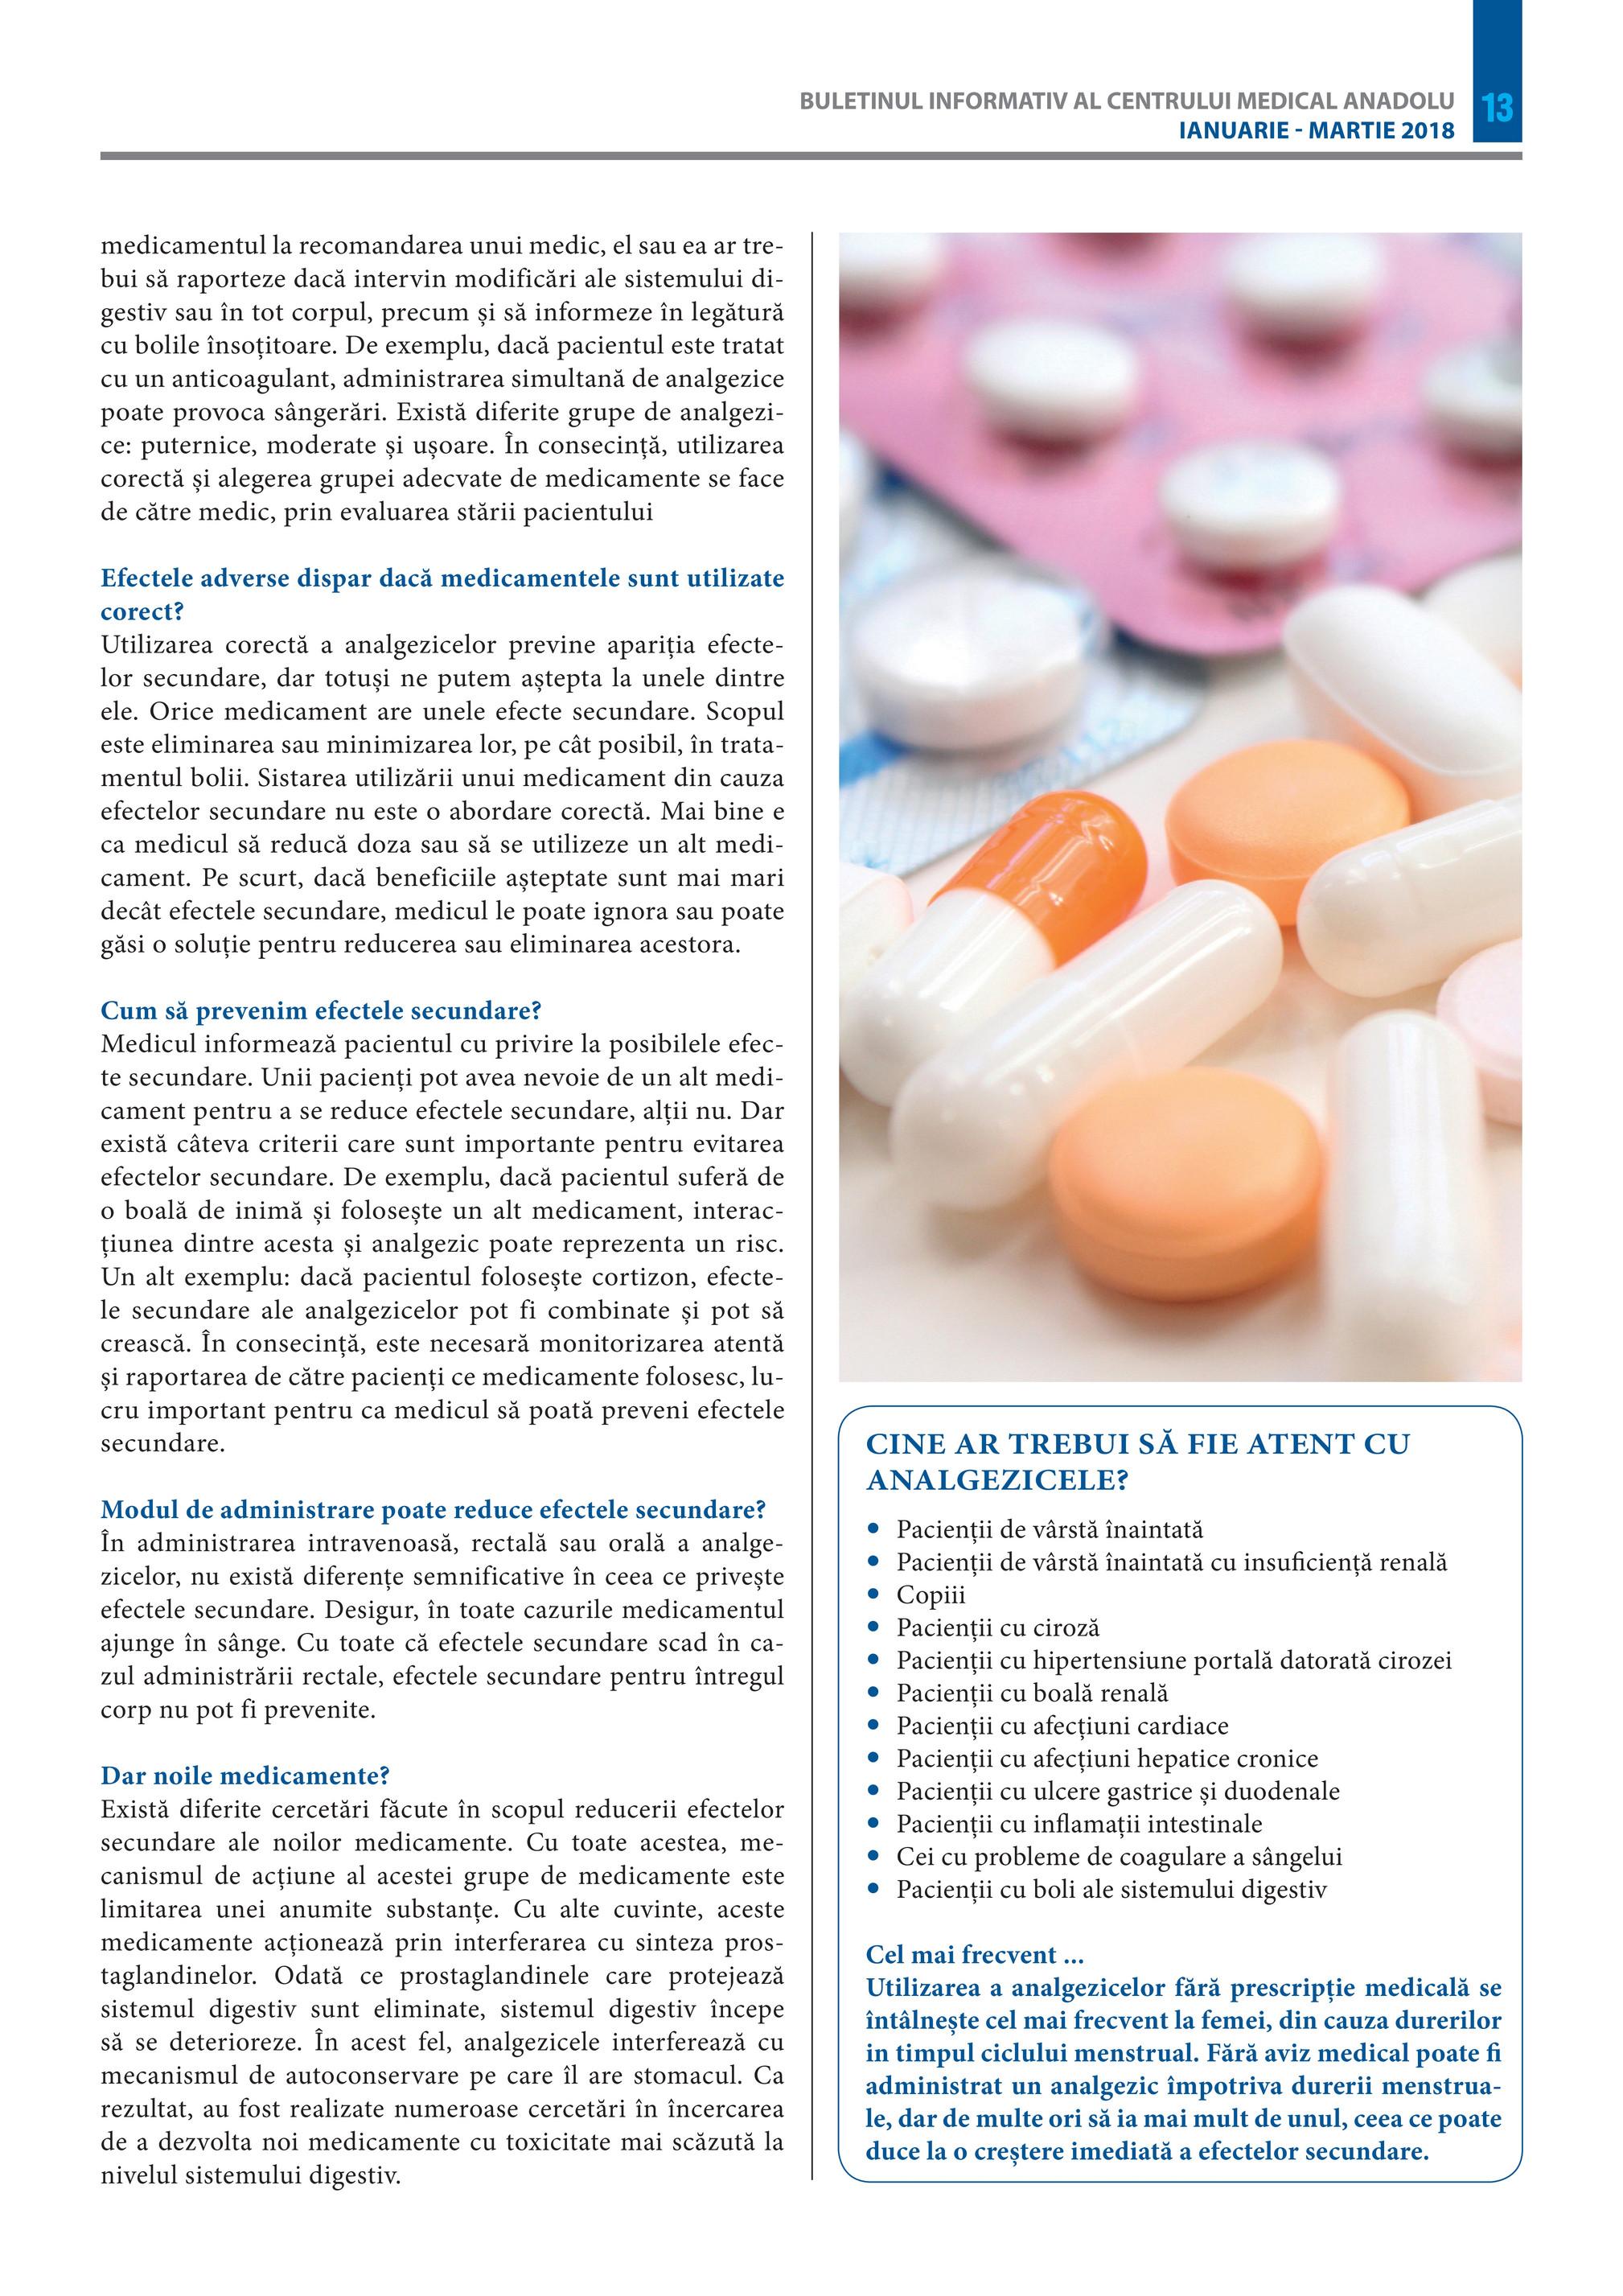 tratamentul cu varicoză cu ceea ce medicament